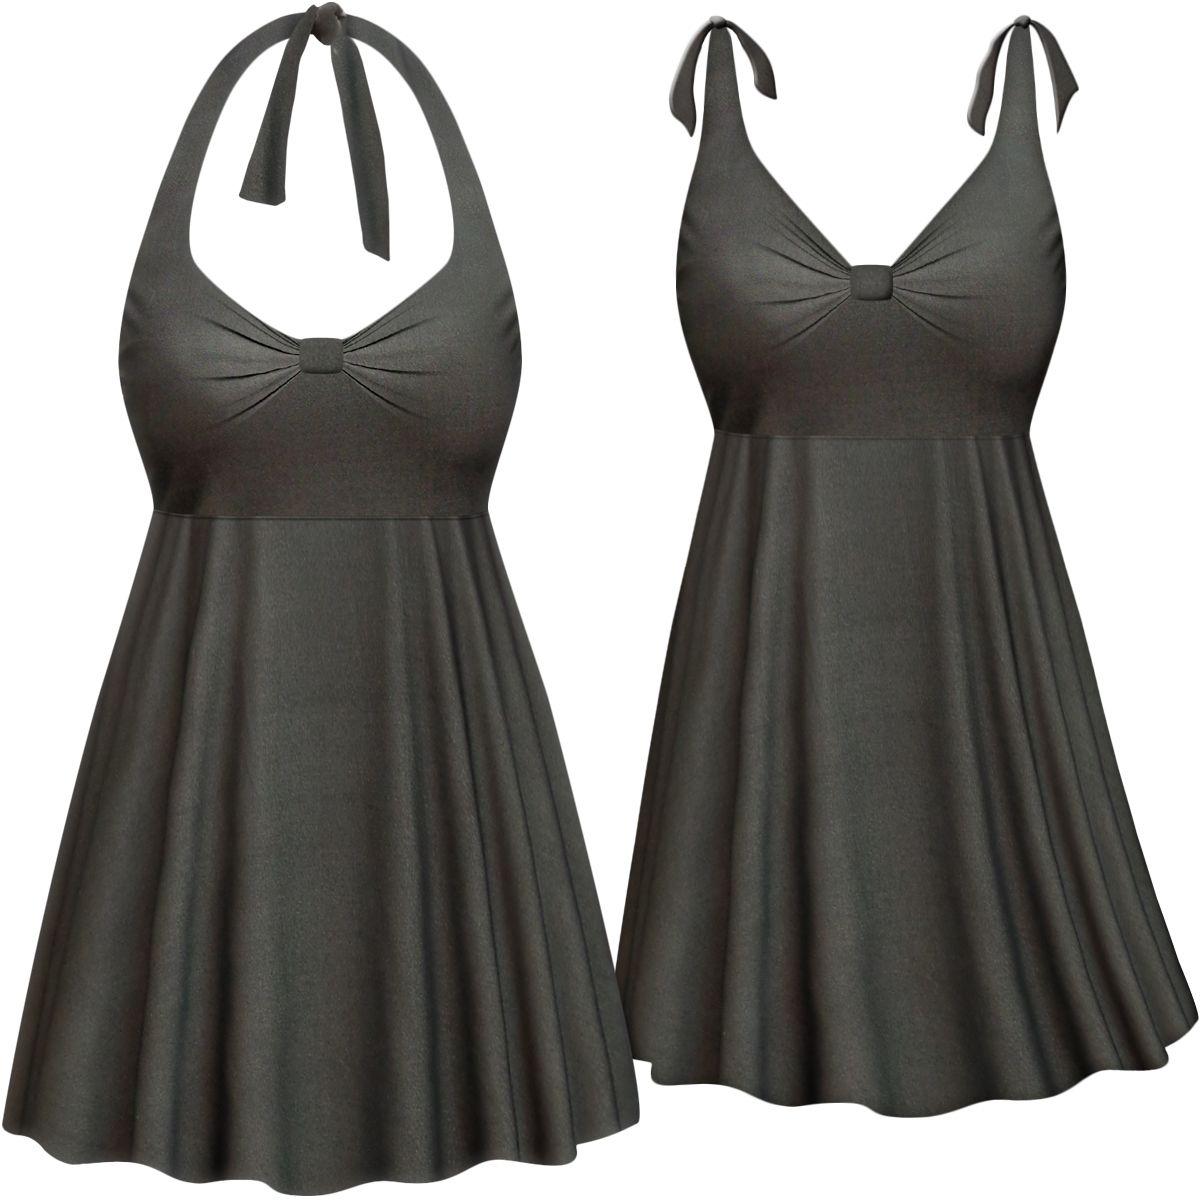 2a24681d64c01 2pc Plus Size Swimsuit Swimdress 0x1x 2x 3x 4x Supersize 5x 6x 7x 8x Halter  or Shoulder Strap! XL to 8x Man… | Sanctuarie Plus Size Swimwear & Coverups  ...